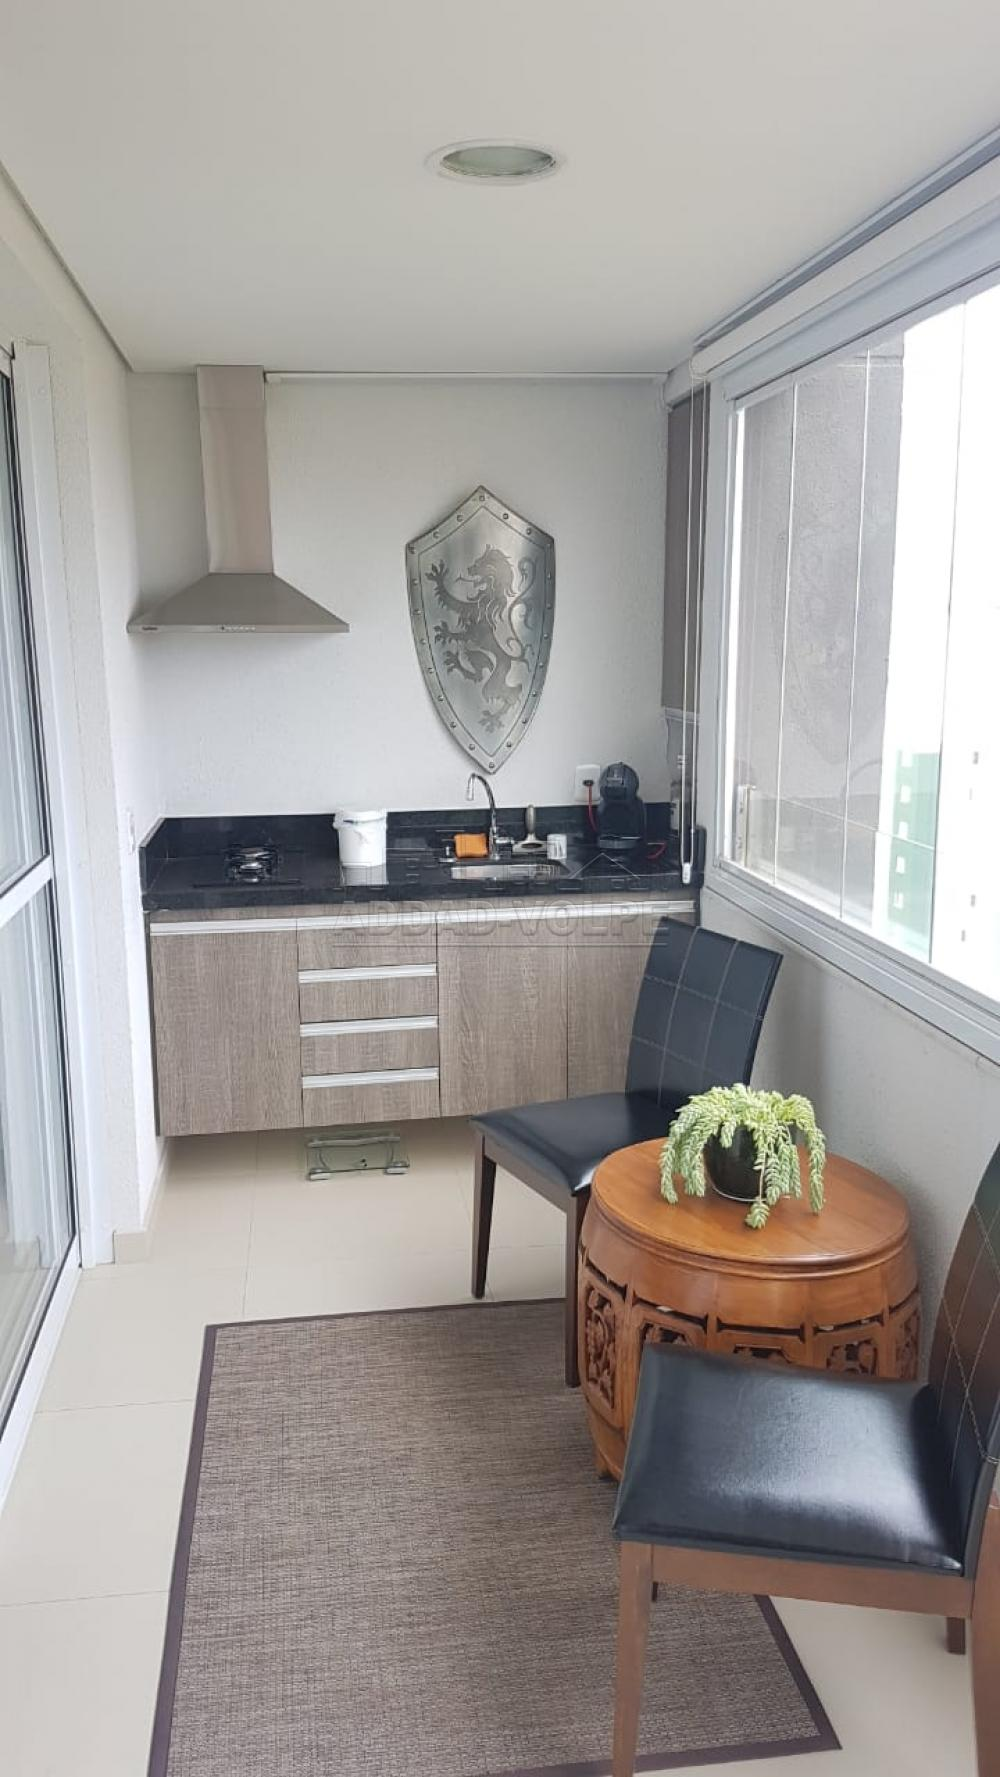 Comprar Apartamento / Padrão em Bauru apenas R$ 520.000,00 - Foto 10